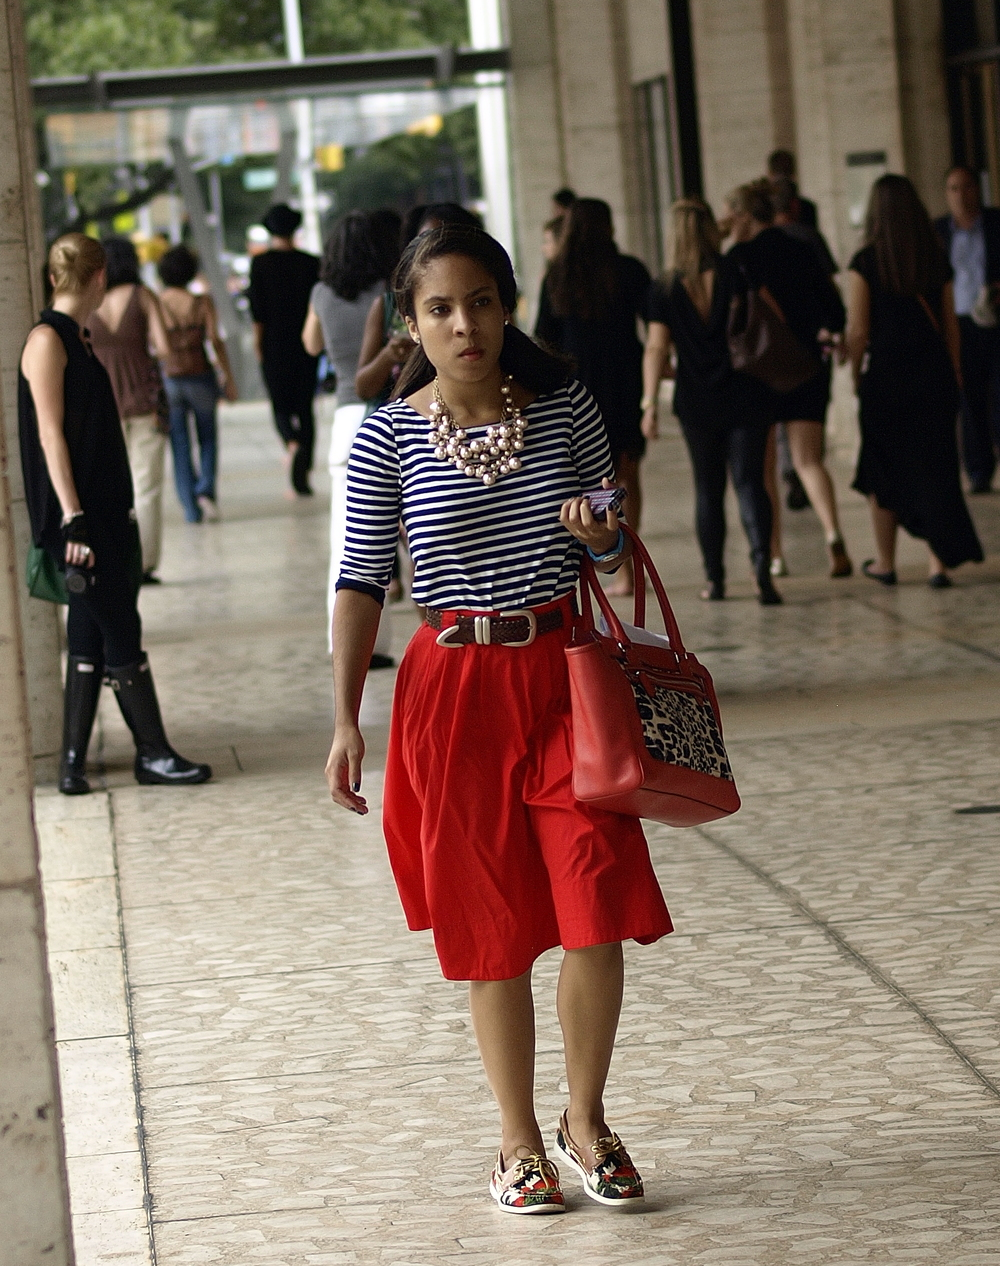 red-skirt.jpg